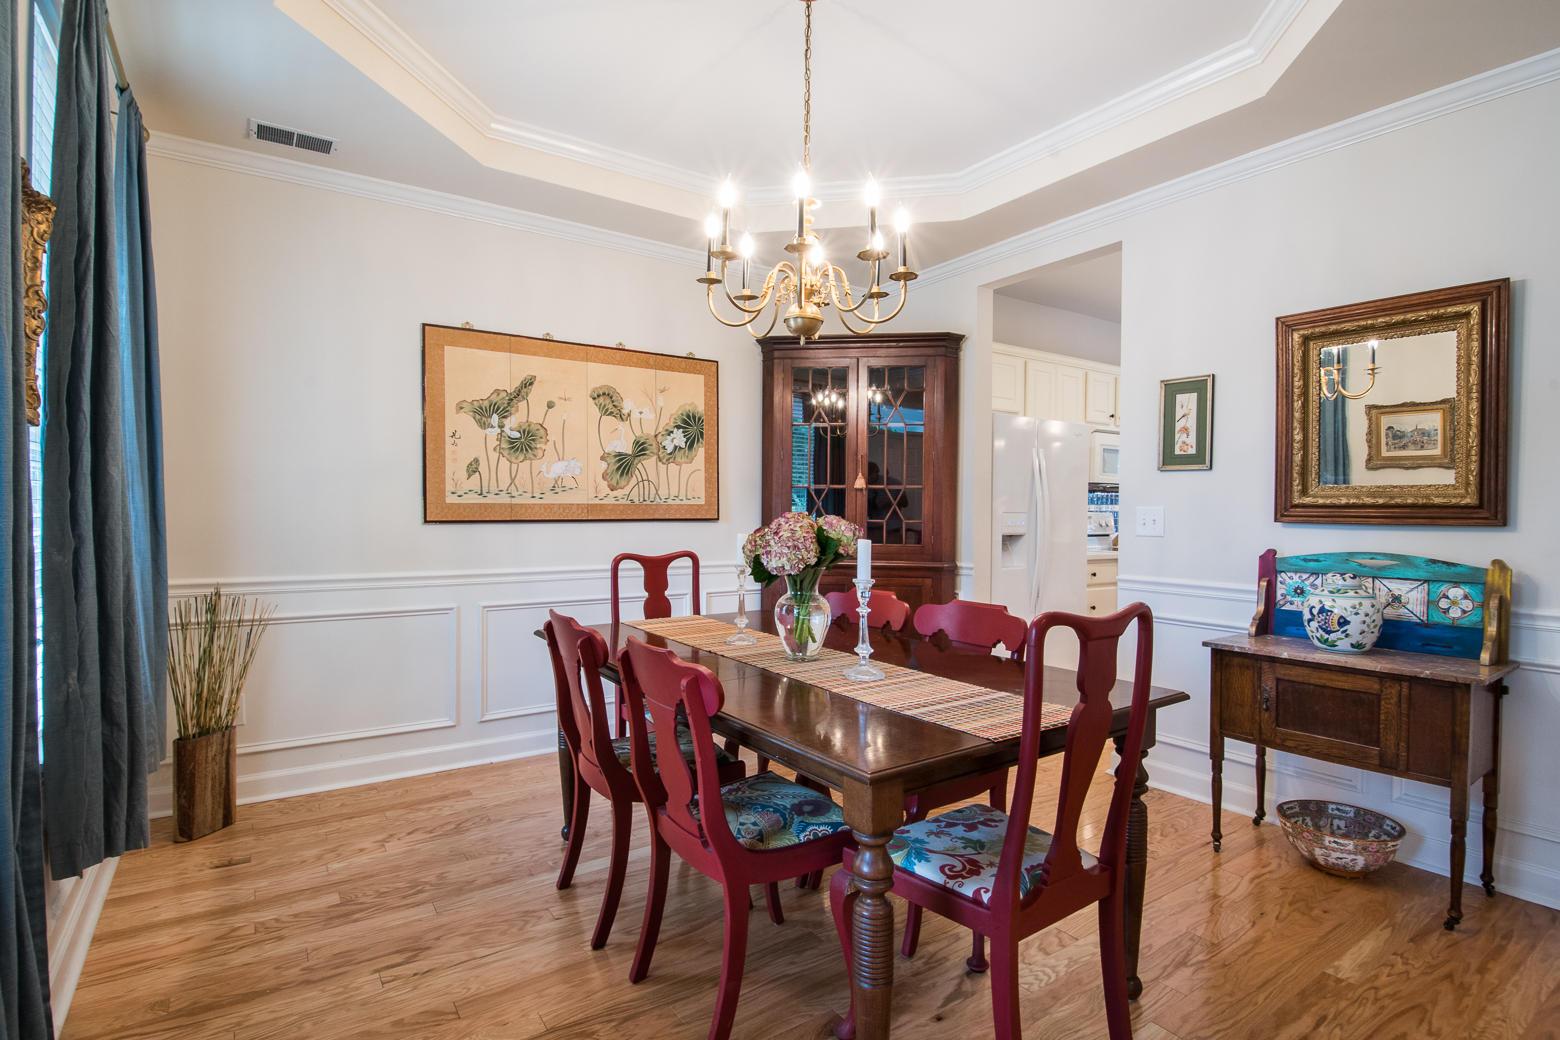 Dunes West Homes For Sale - 1111 Black Rush, Mount Pleasant, SC - 12